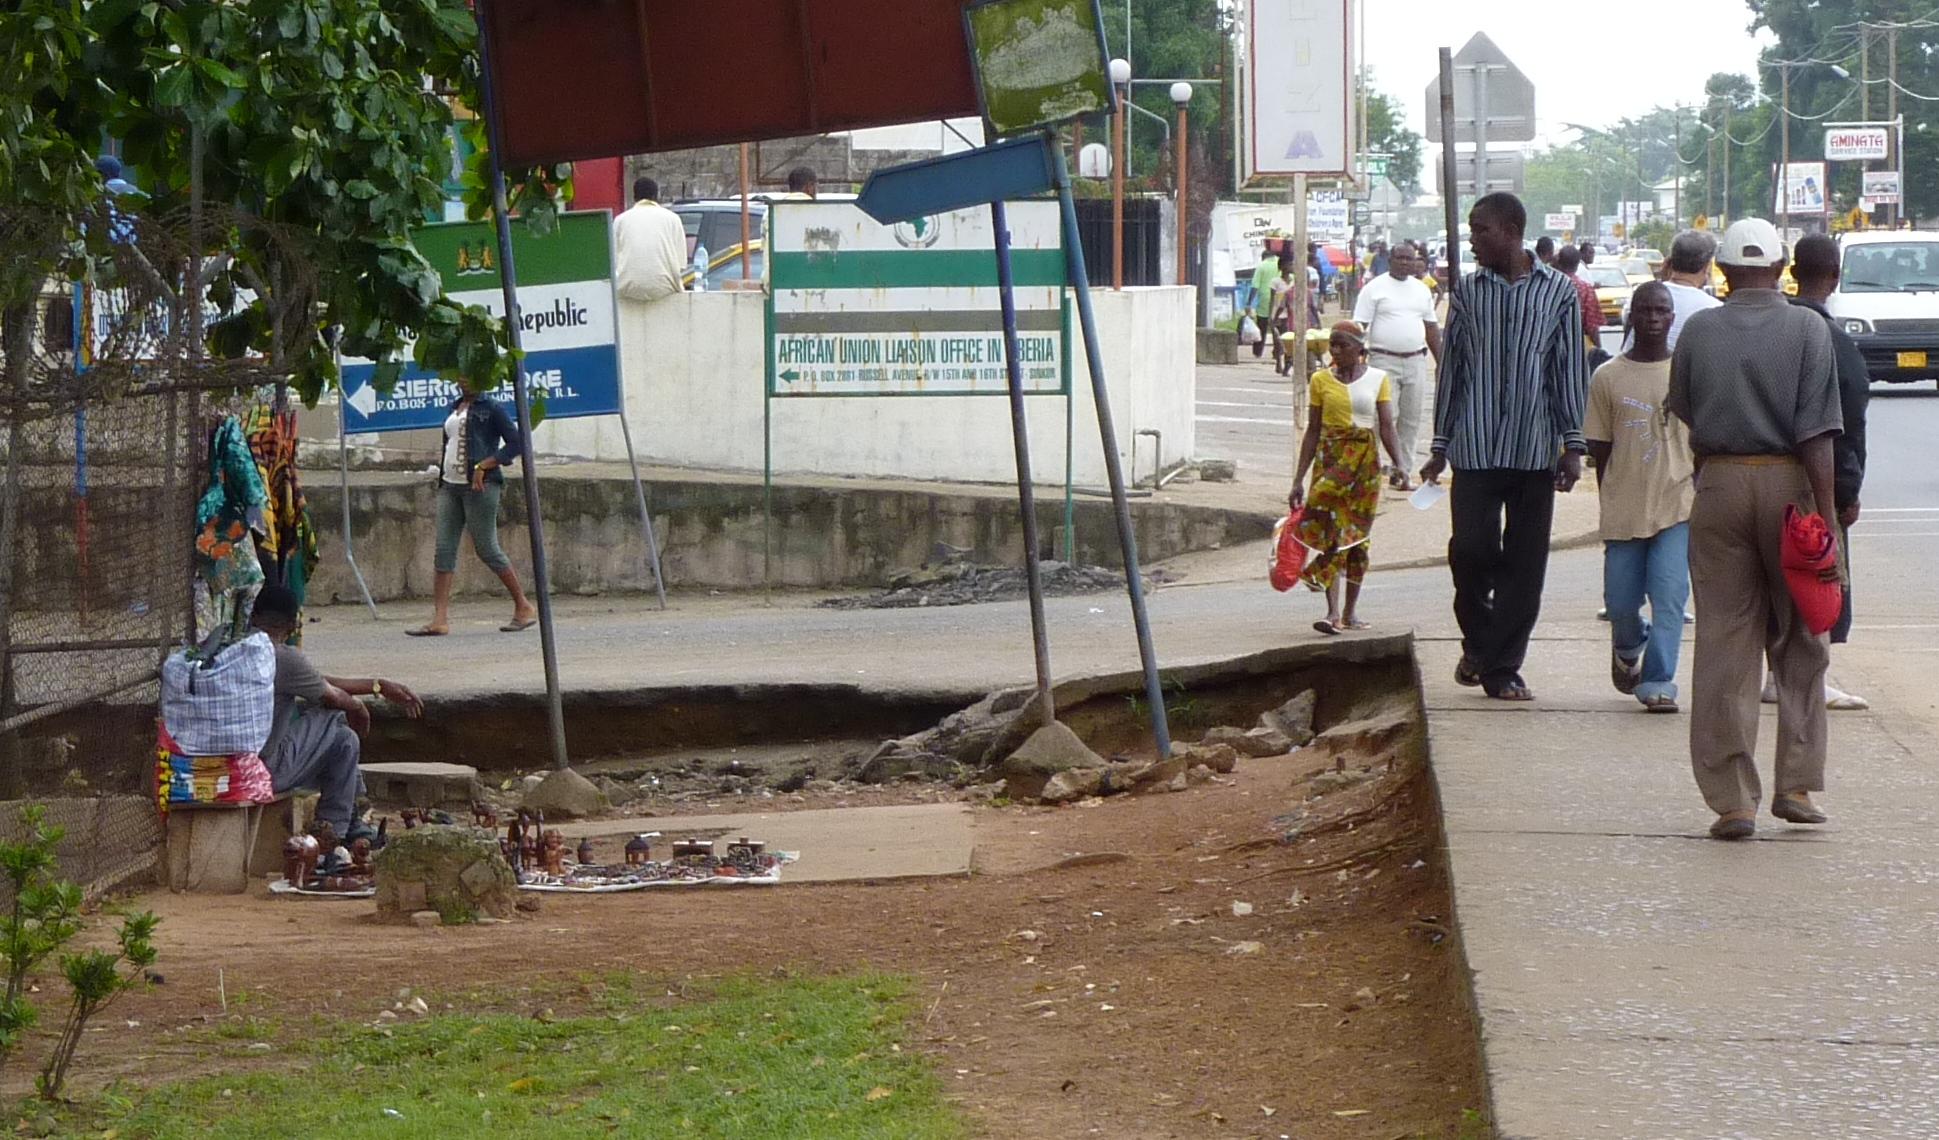 Shop on Side of Road